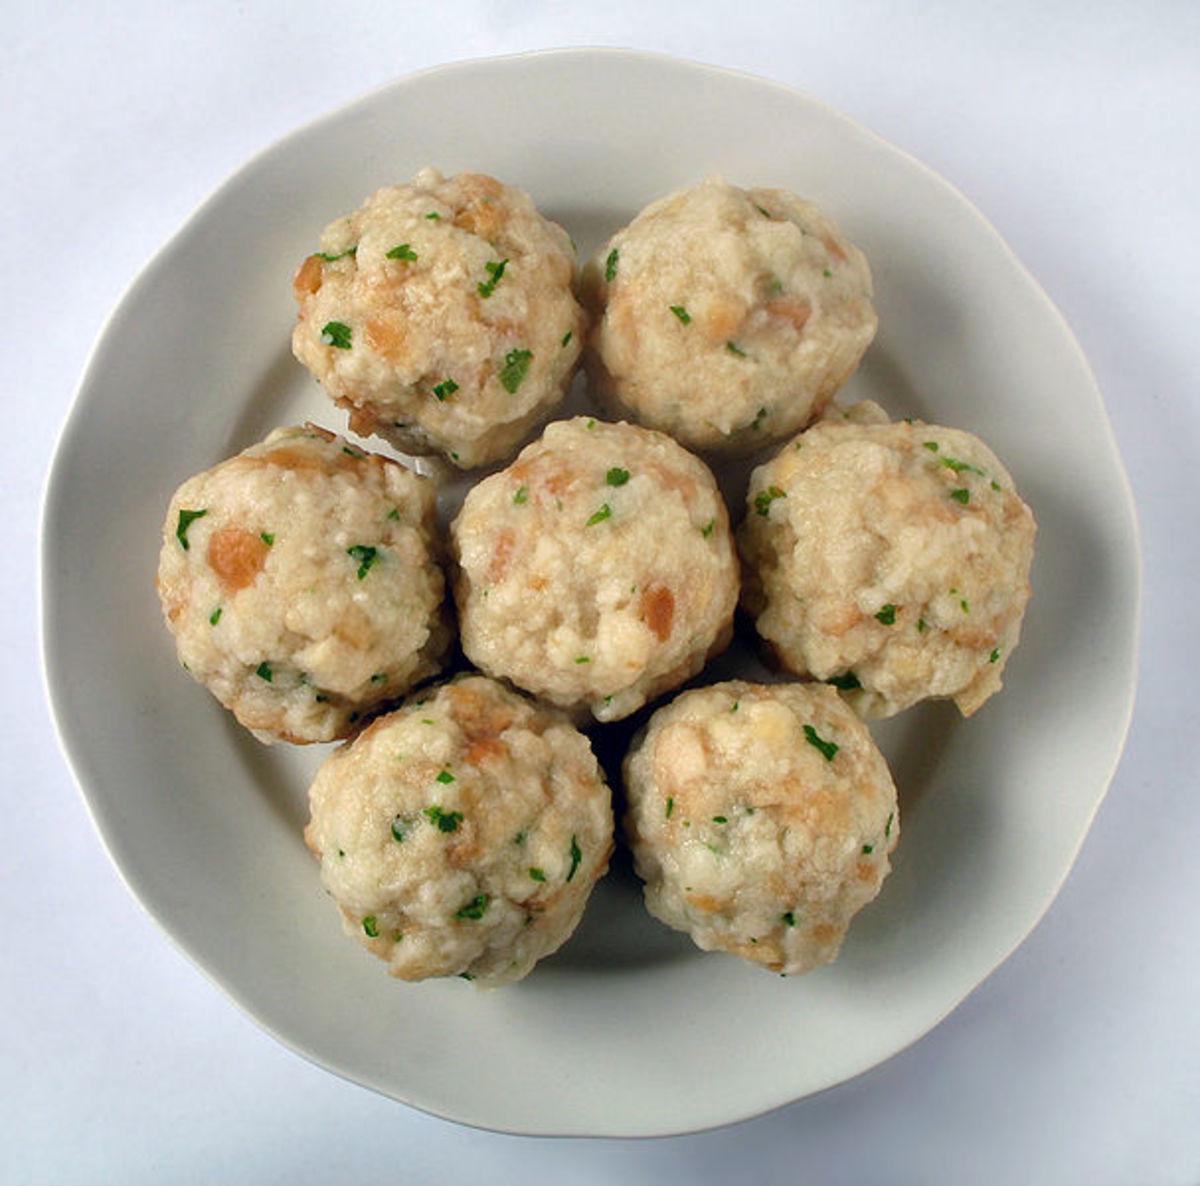 Canederli, Dumplings from Trentino - Alto Adige